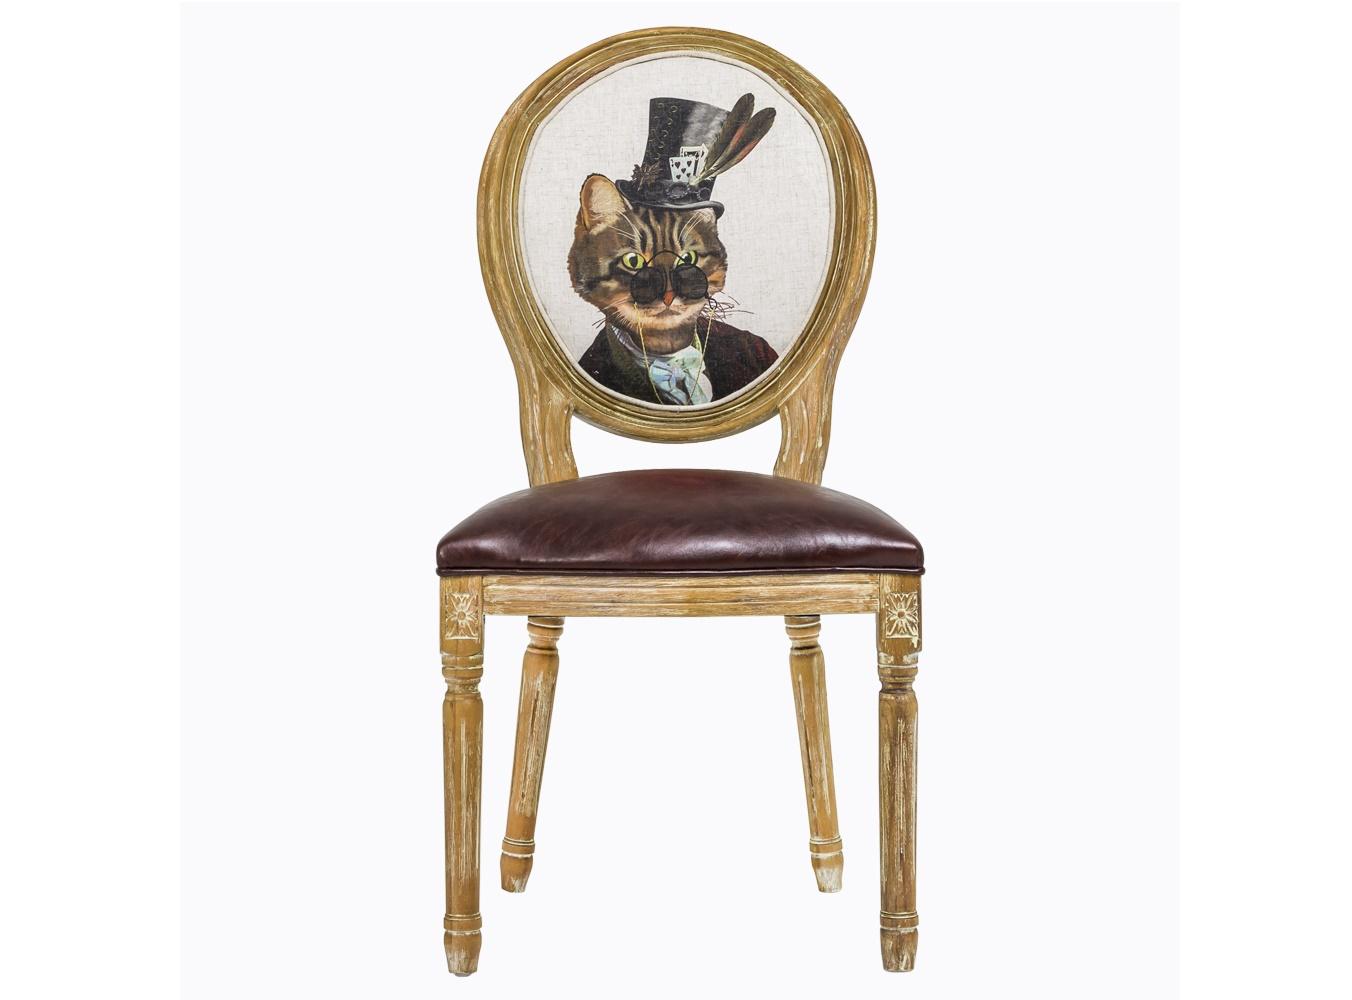 Стул «Мистер Кот»Обеденные стулья<br>&amp;lt;div&amp;gt;Стулья в стиле шебби-шик – не просто копия замшелой старины. Это особое настроение и абсолютно новая подача привычных вещей. Смелая комбинация ретро и ультрасовременного стиля поп-арт? Почему бы и нет! Каркас этого стула выточен из цельного массива и искусственно состарен. Обивку из эко-кожи не так легко испачкать, а вот почистить – не проблема. На спинке – принт с изображением усатого и полосатого господина в цилиндре. Вес стула равен 7 кг.&amp;lt;/div&amp;gt;<br><br>Material: Кожа<br>Length см: 50<br>Width см: 57<br>Height см: 98